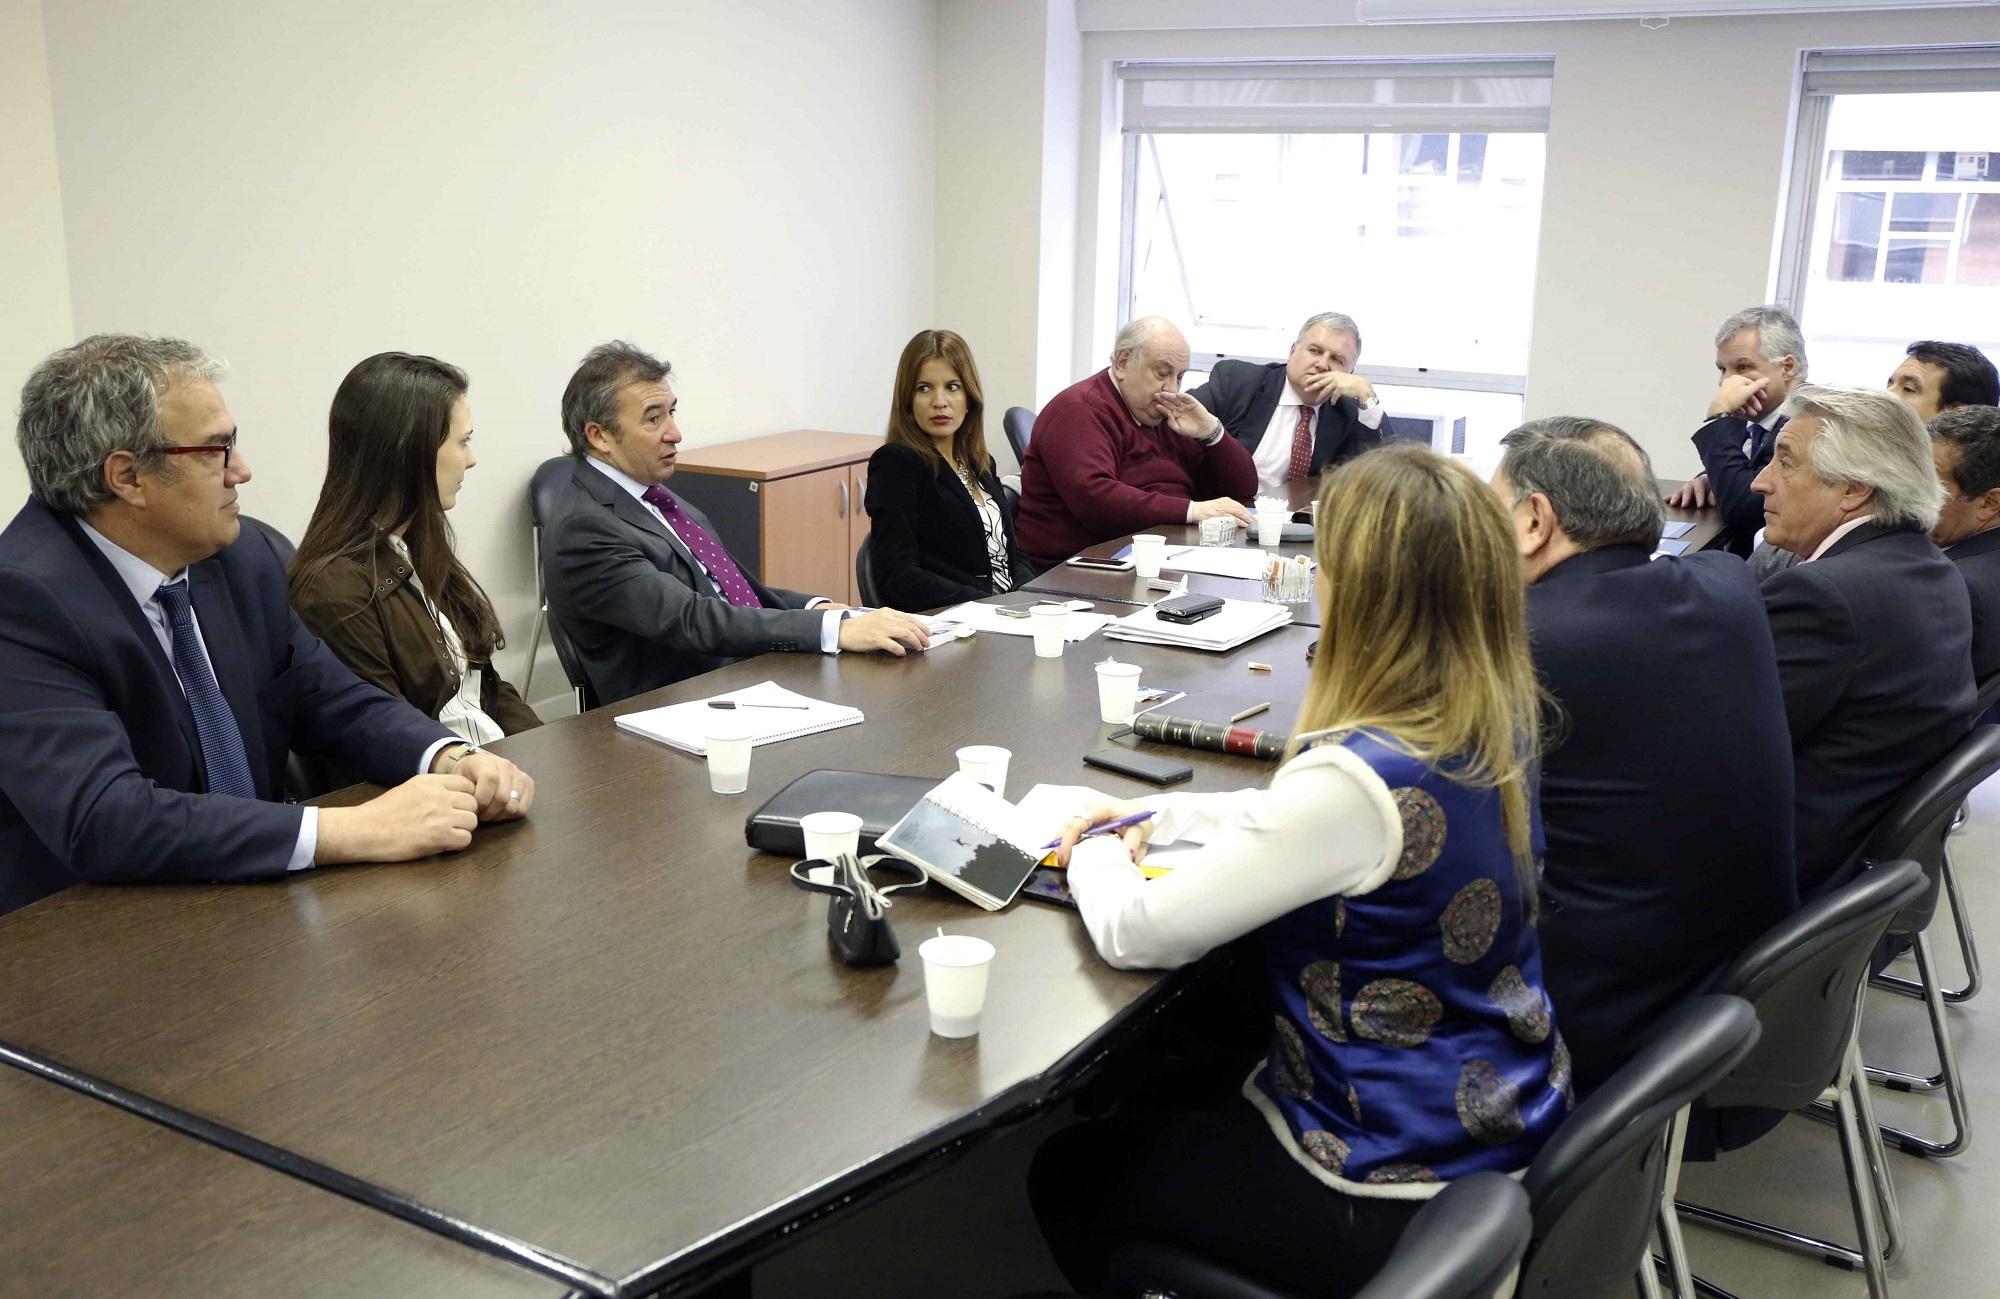 El Ministerio puso en marcha el Observatorio de implementación del Código Civil y Comercial